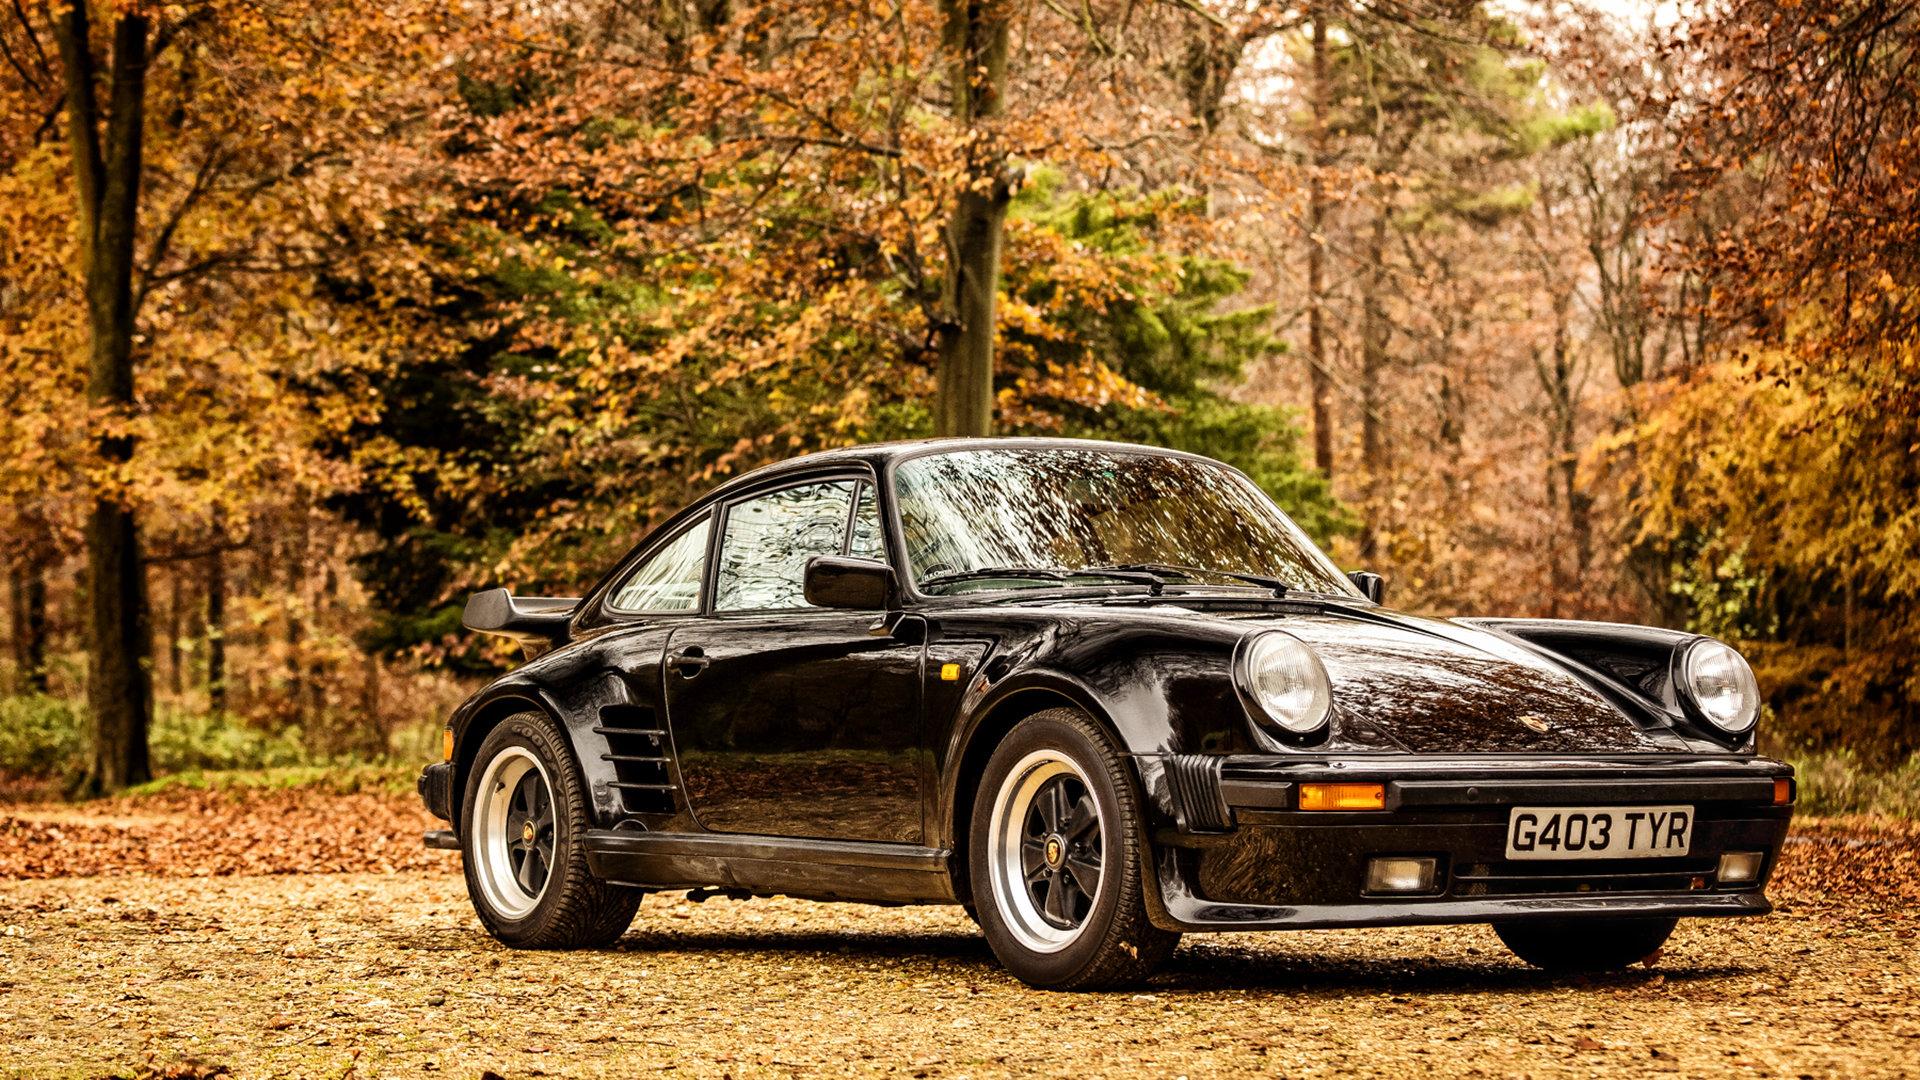 Porsche Hd Wallpapers 1080p: Porsche 911 Wallpapers 1920x1080 Full HD (1080p) Desktop